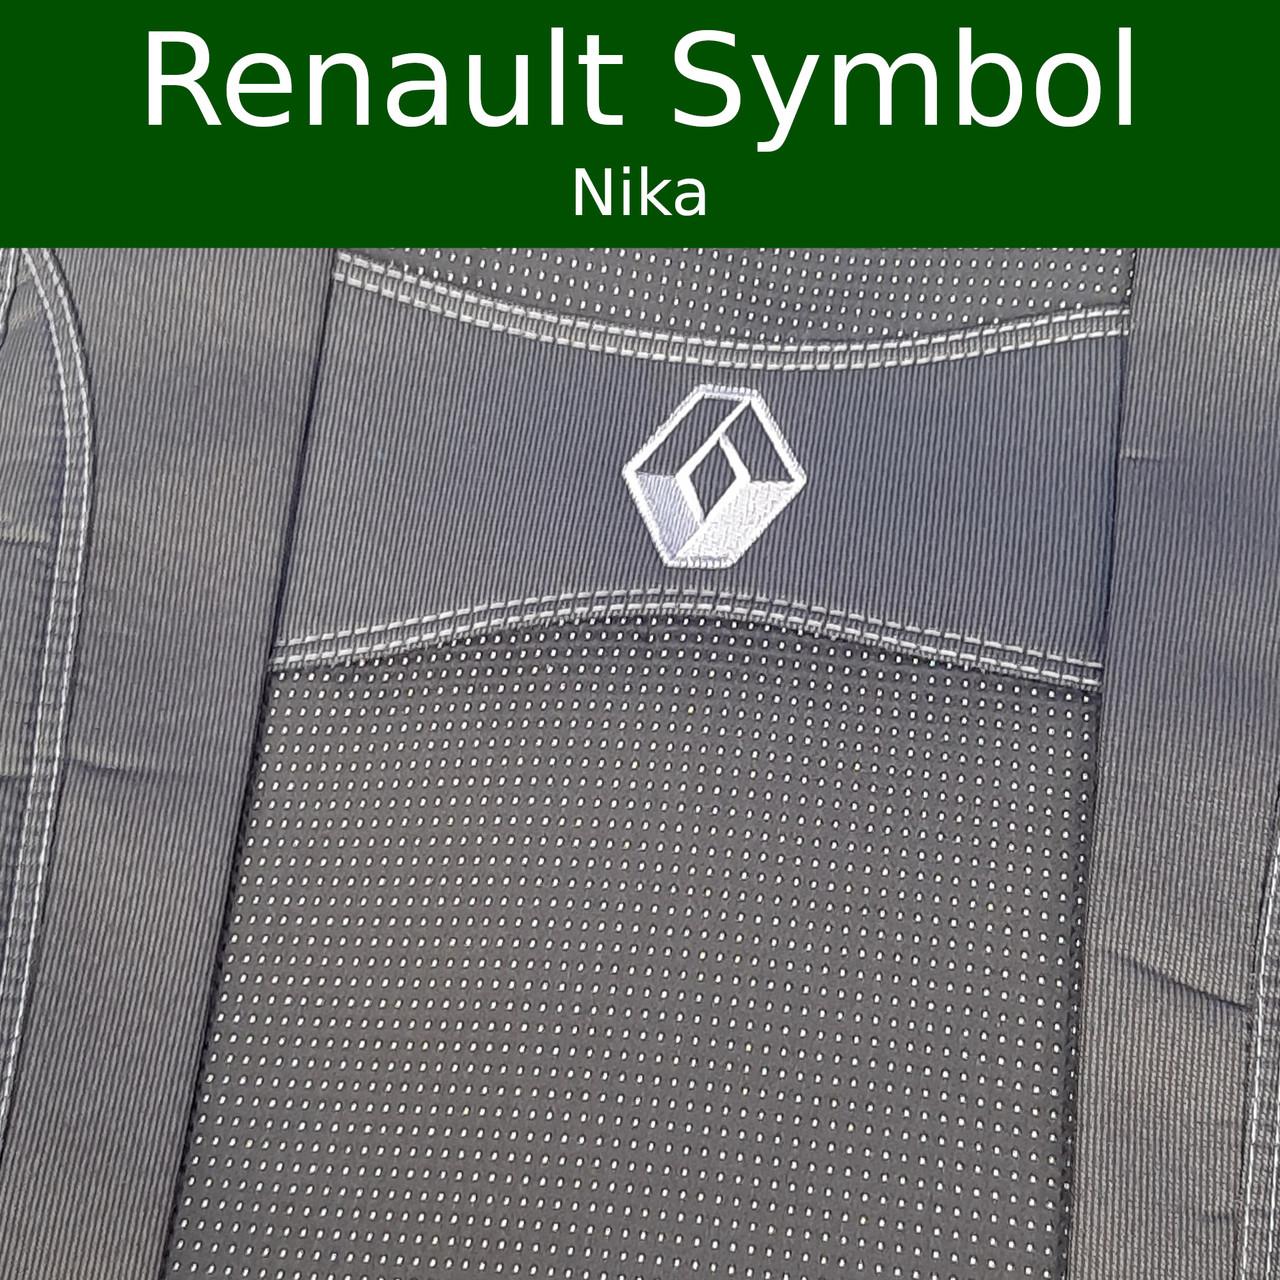 Чехлы на сиденья для Renault Symbol (Nika)